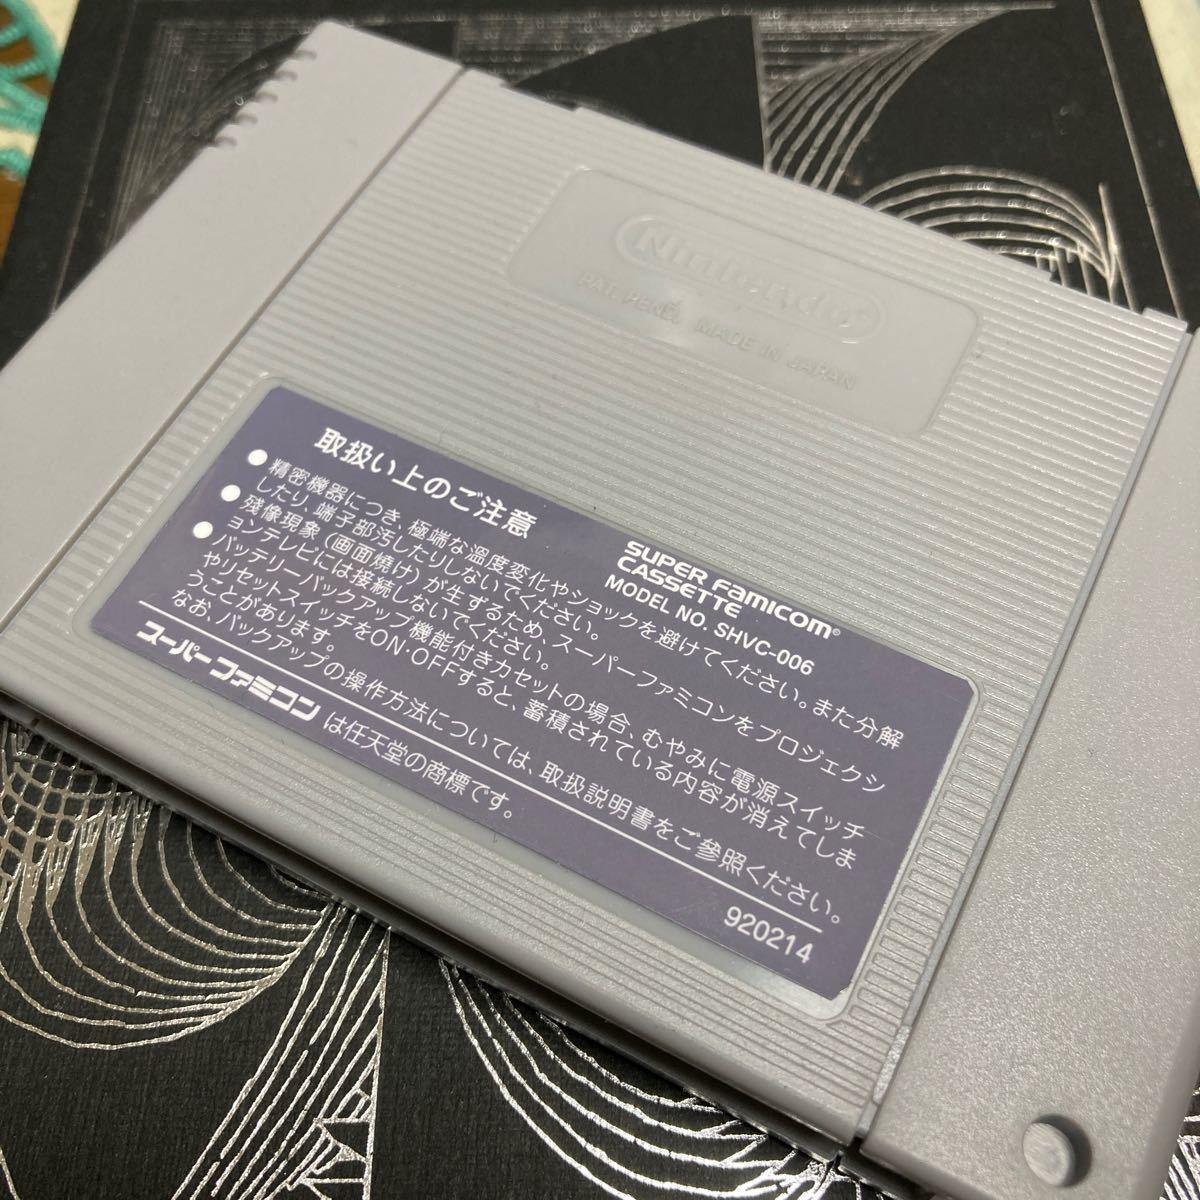 スーパーファミコンソフト スーパー100 IN 1 【非正規】名作ベルトスクロールアクション多数収録!!